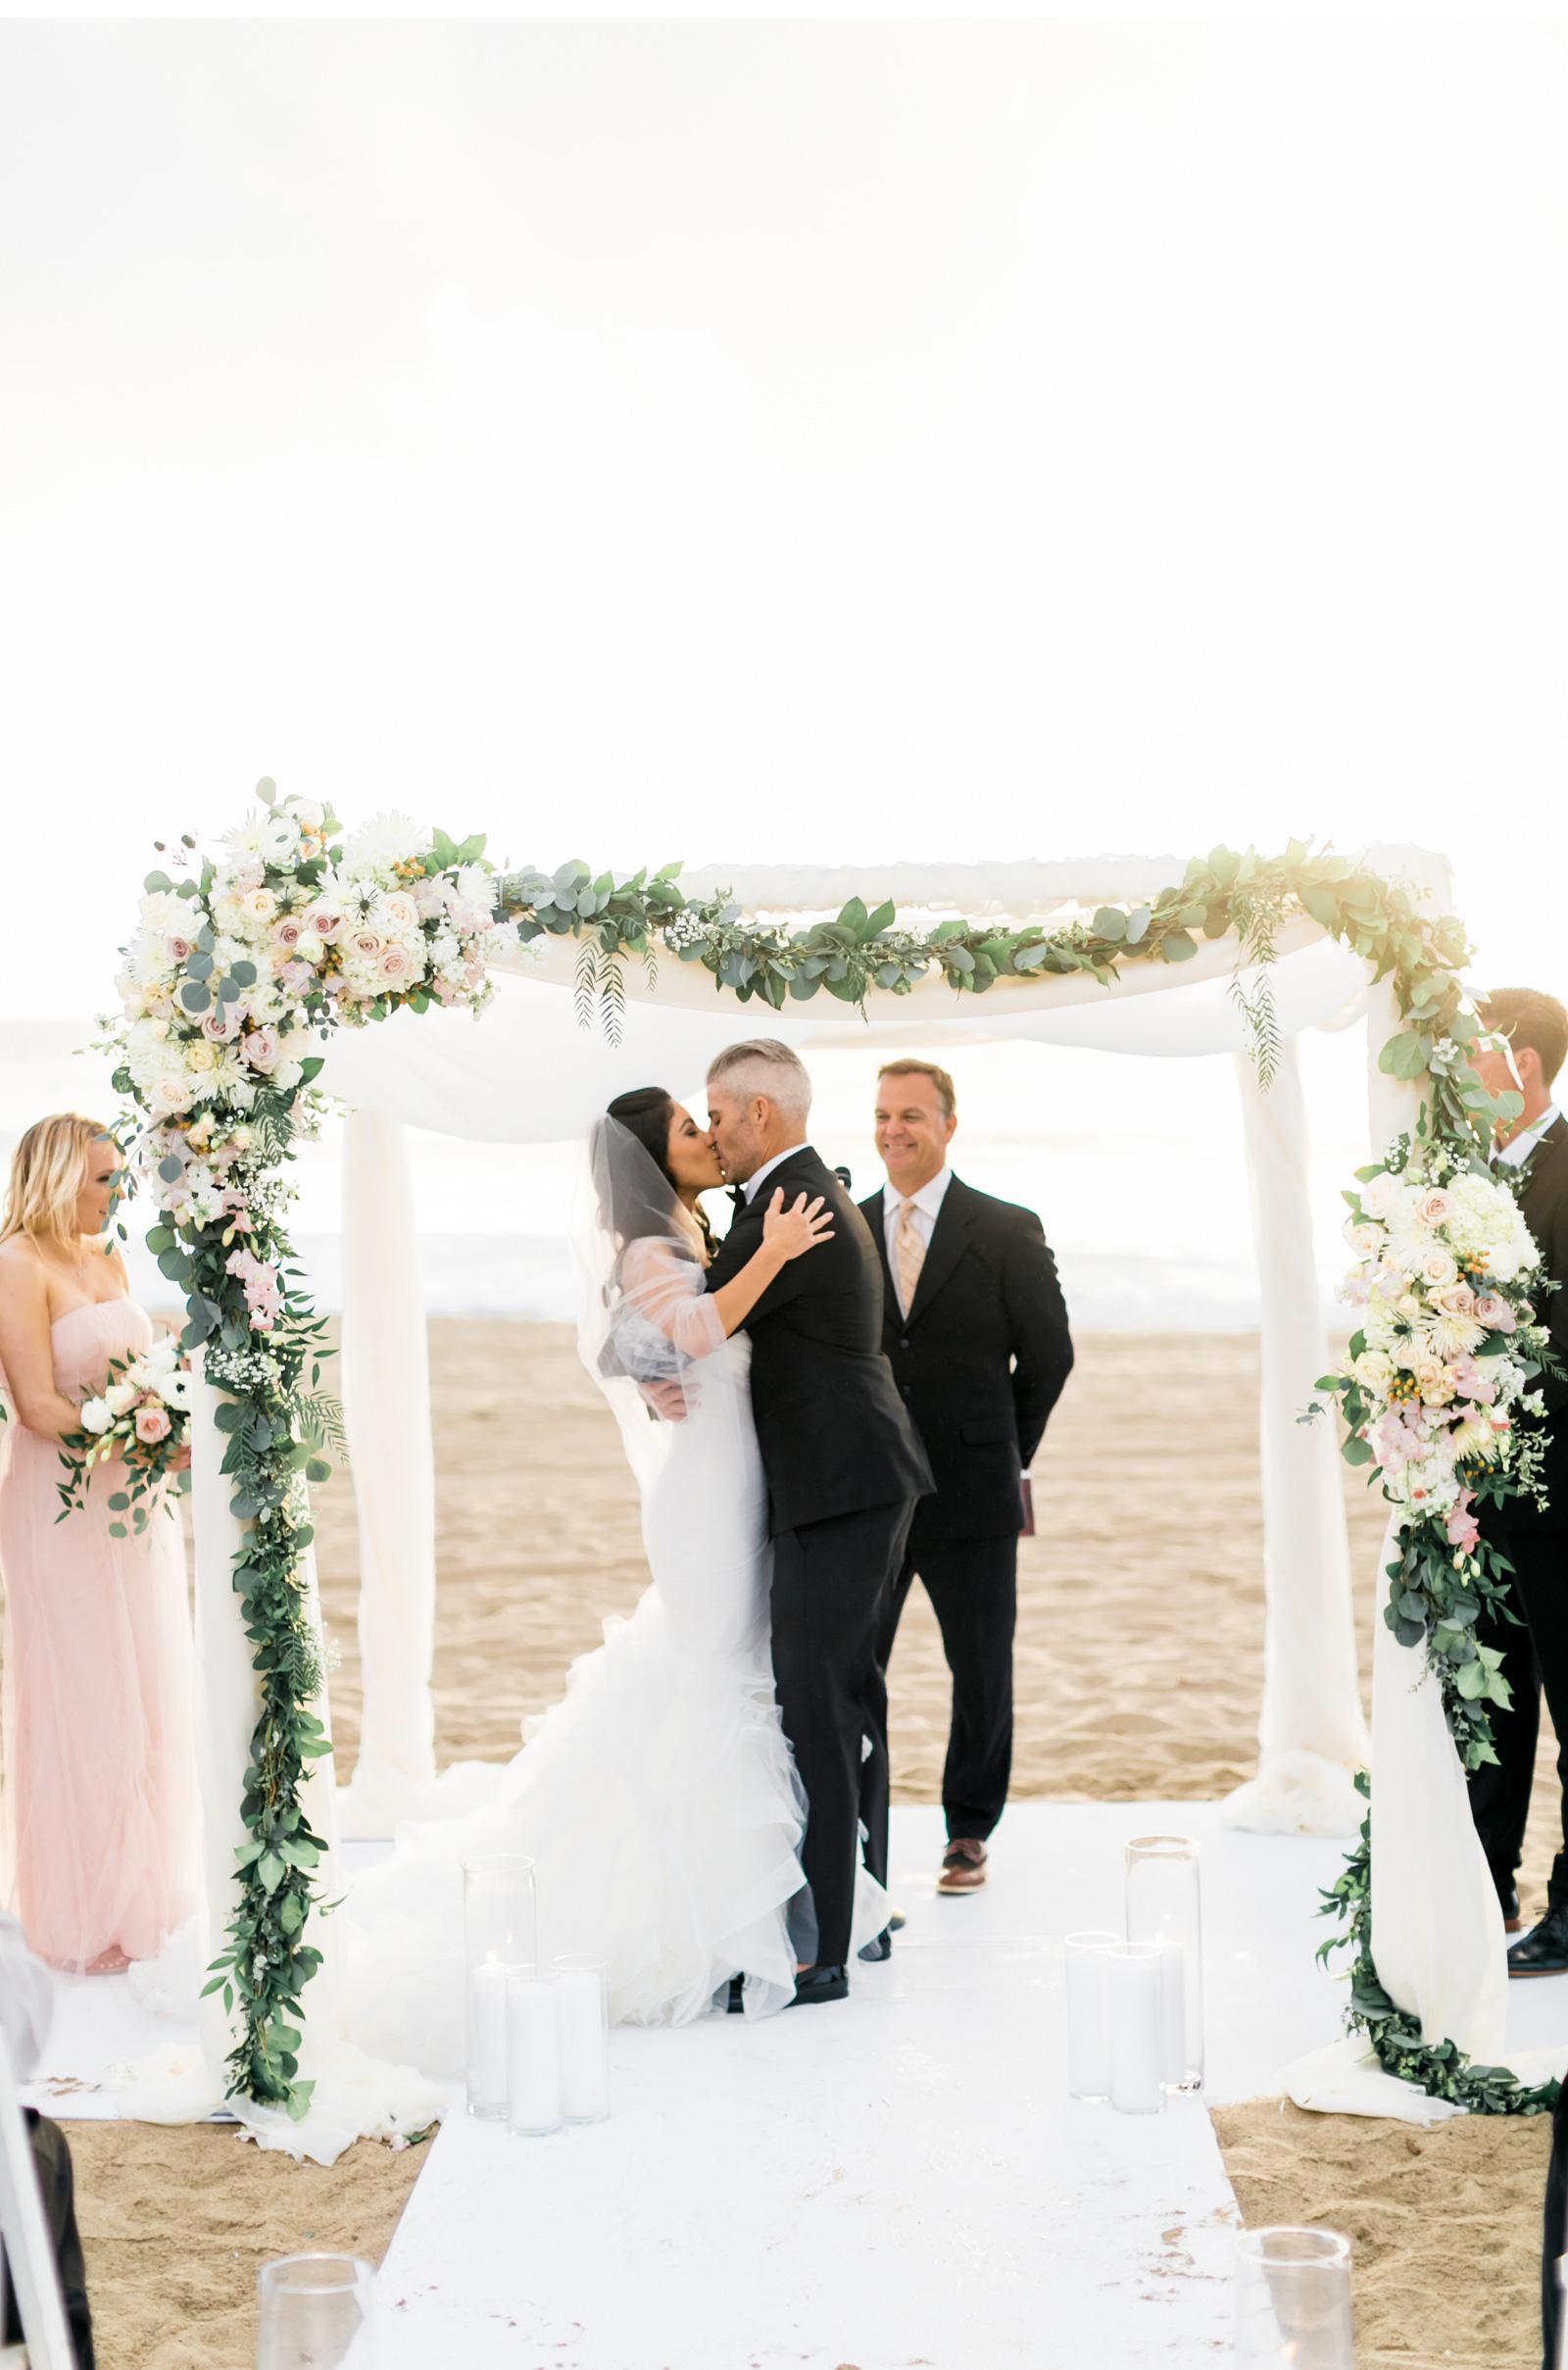 Southern-California-Fine-Art-Wedding-Photographer-Natalie-Schutt-Photography_10.jpg